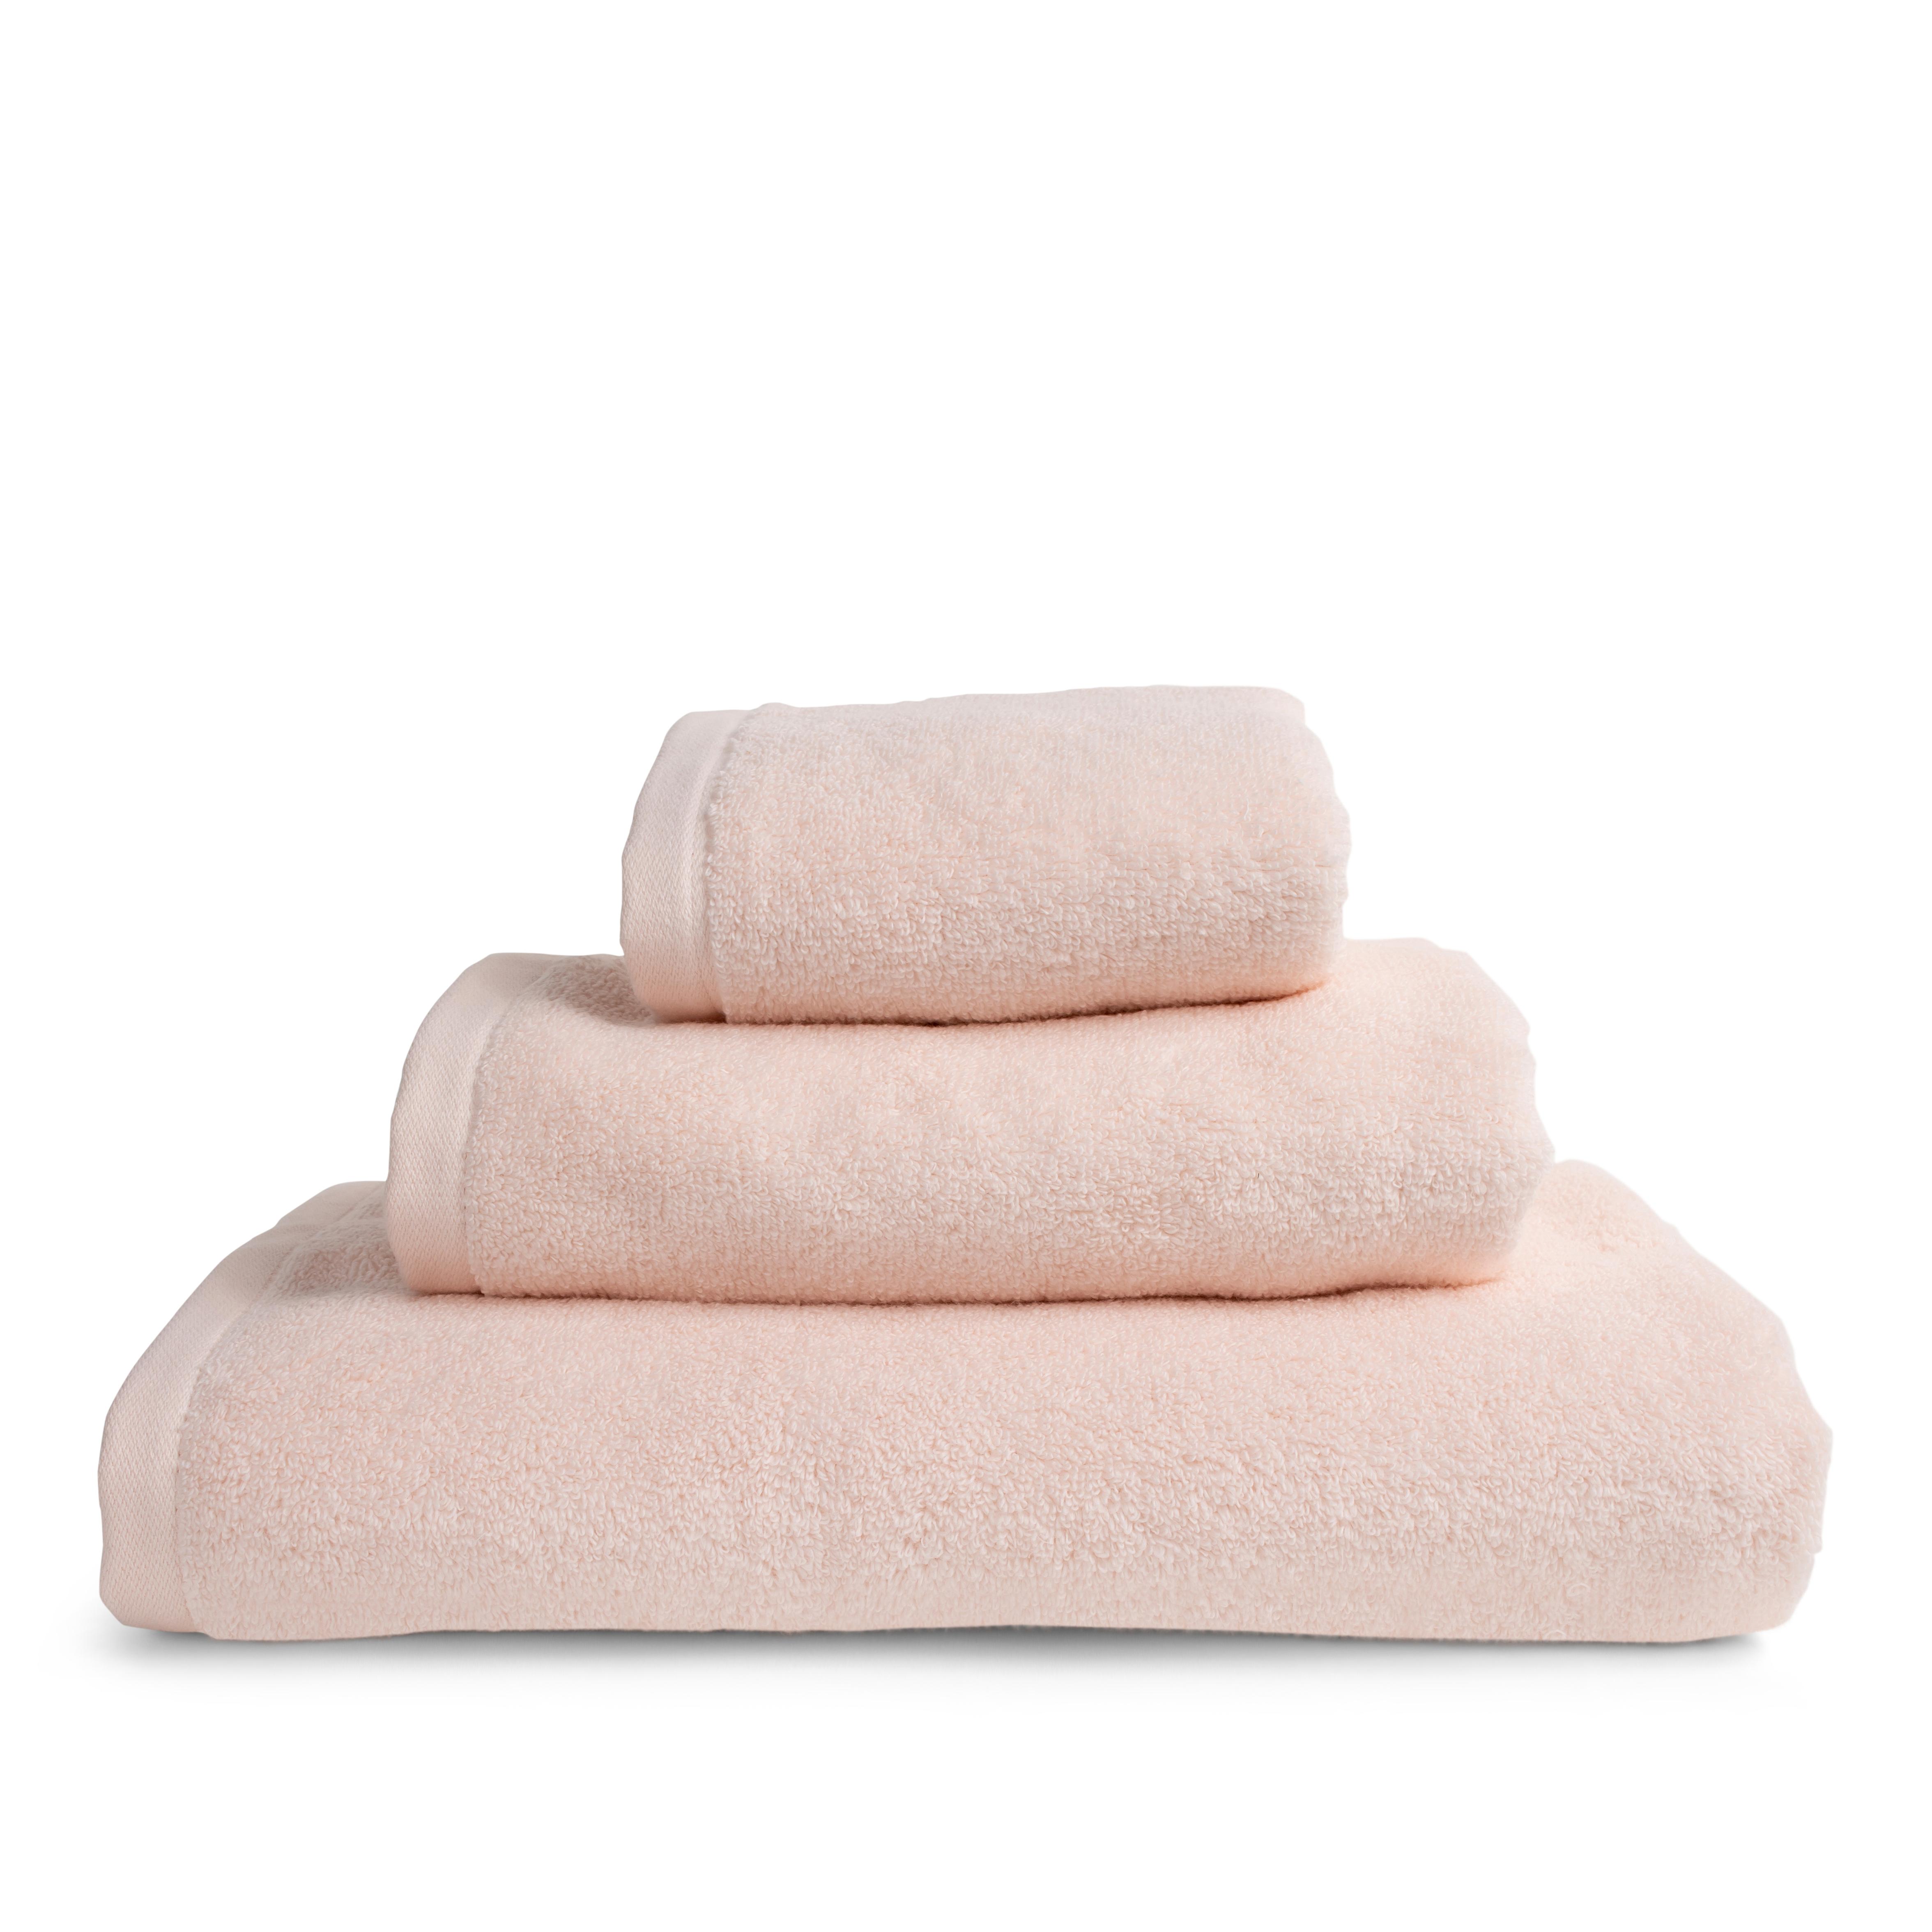 Nordstrand Lux Soft håndklæde, 70x140 cm, pale rose